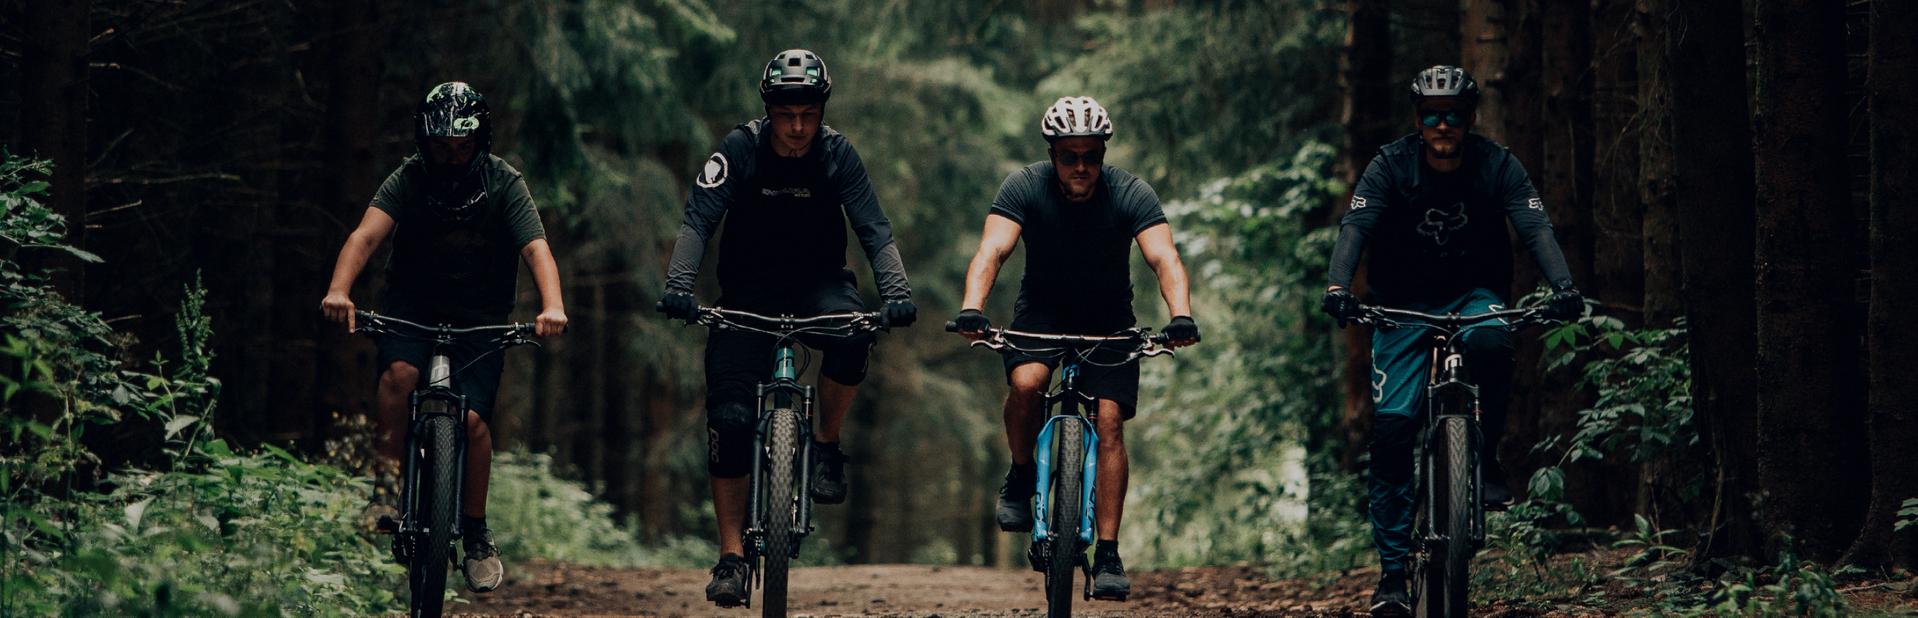 mountainbike-fully-senger-neo-header.webp